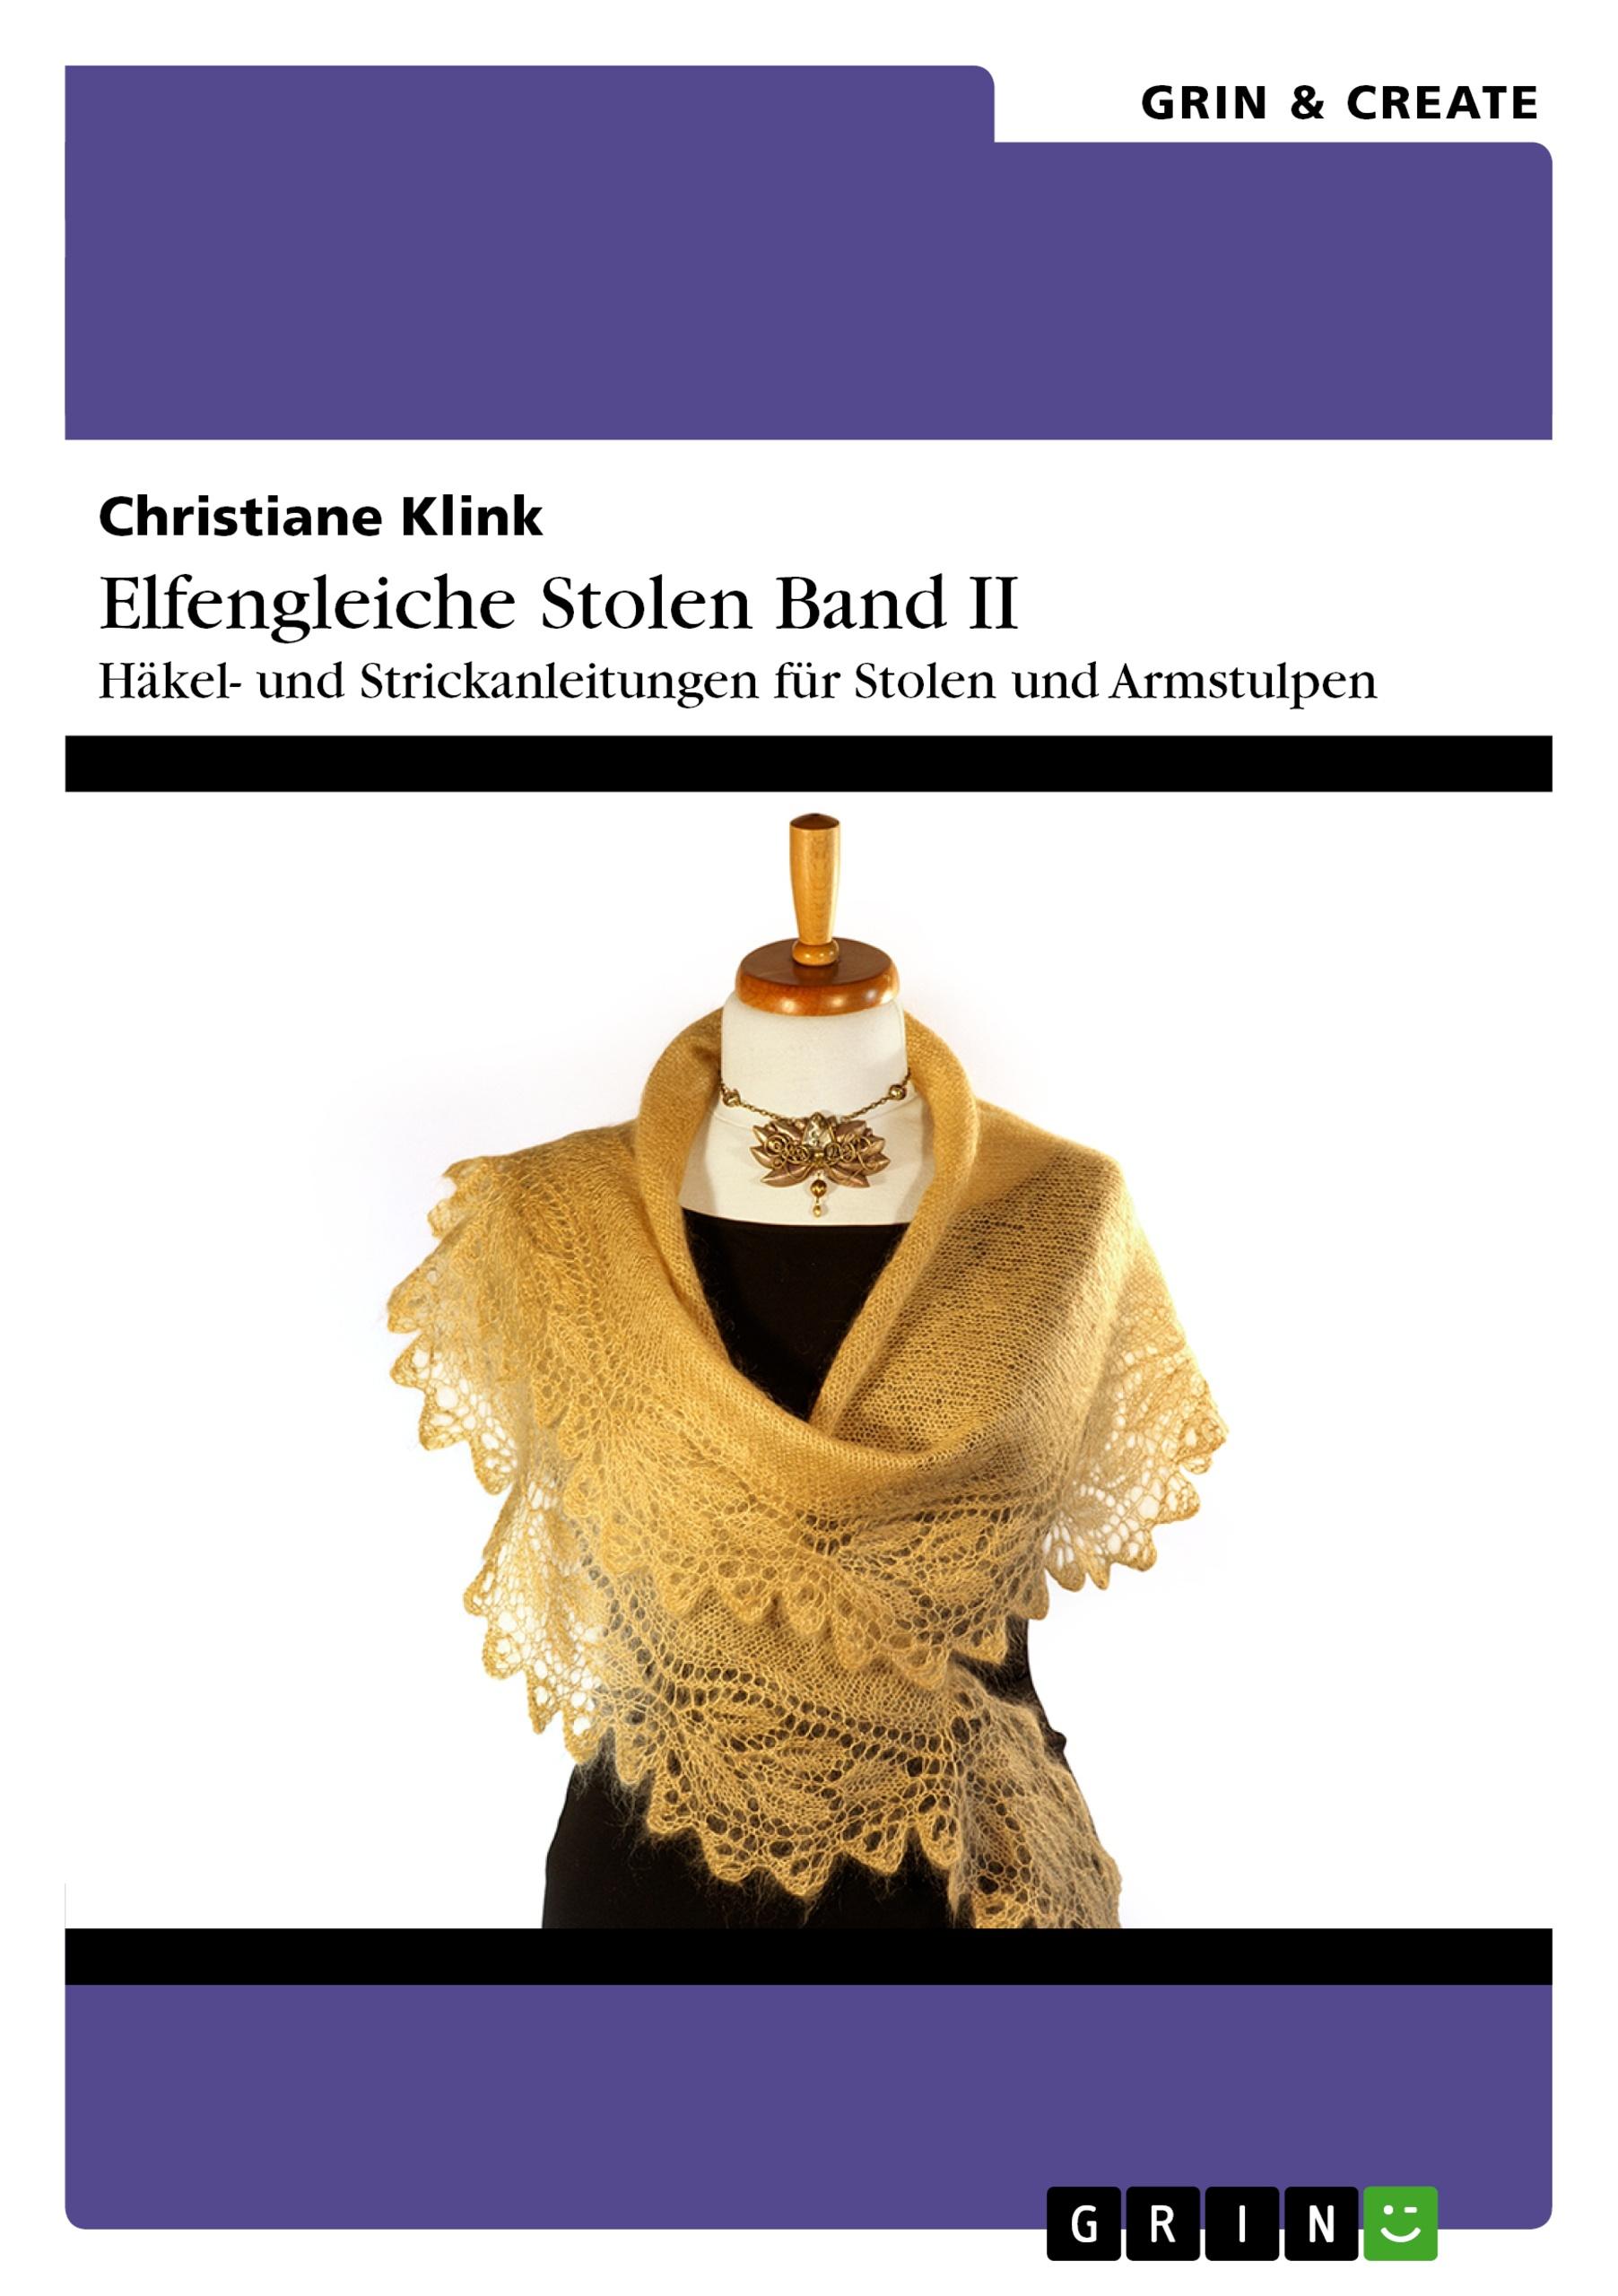 Titel: Elfengleiche Stolen II. Häkel- und Strickanleitungen für Stolen und Armstulpen